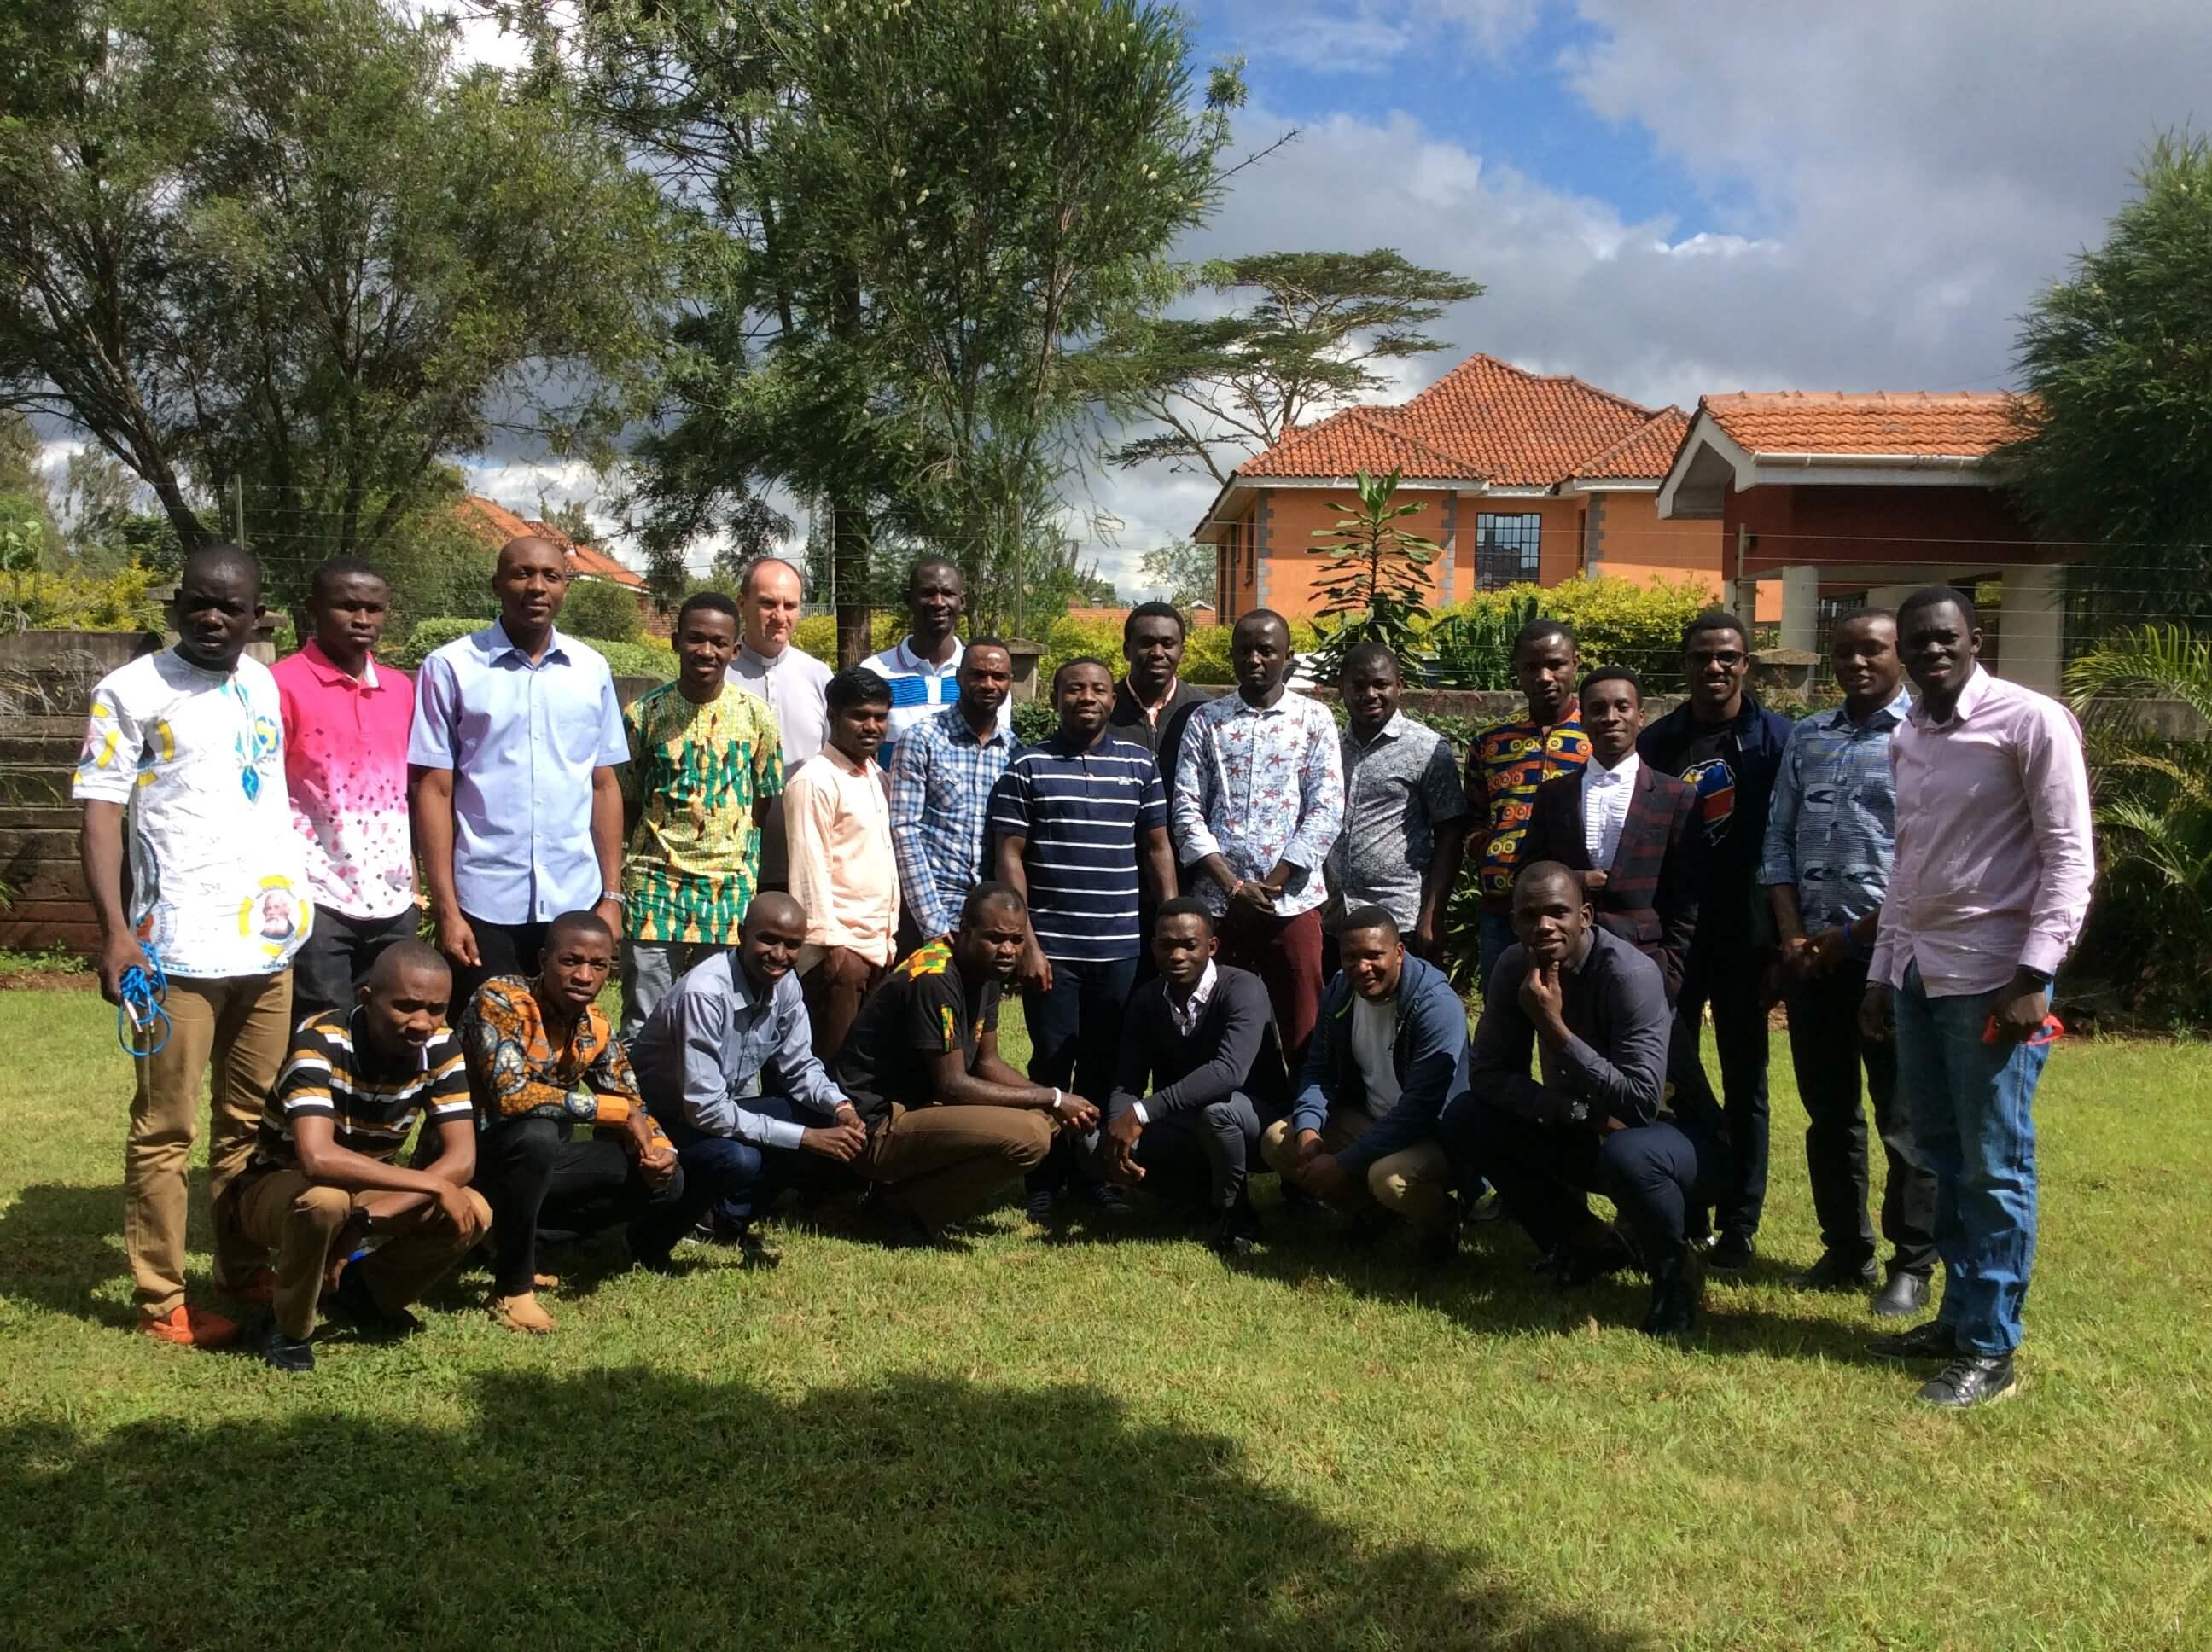 SMA seminarians studying in Nairobi, Kenya take in some sunshine